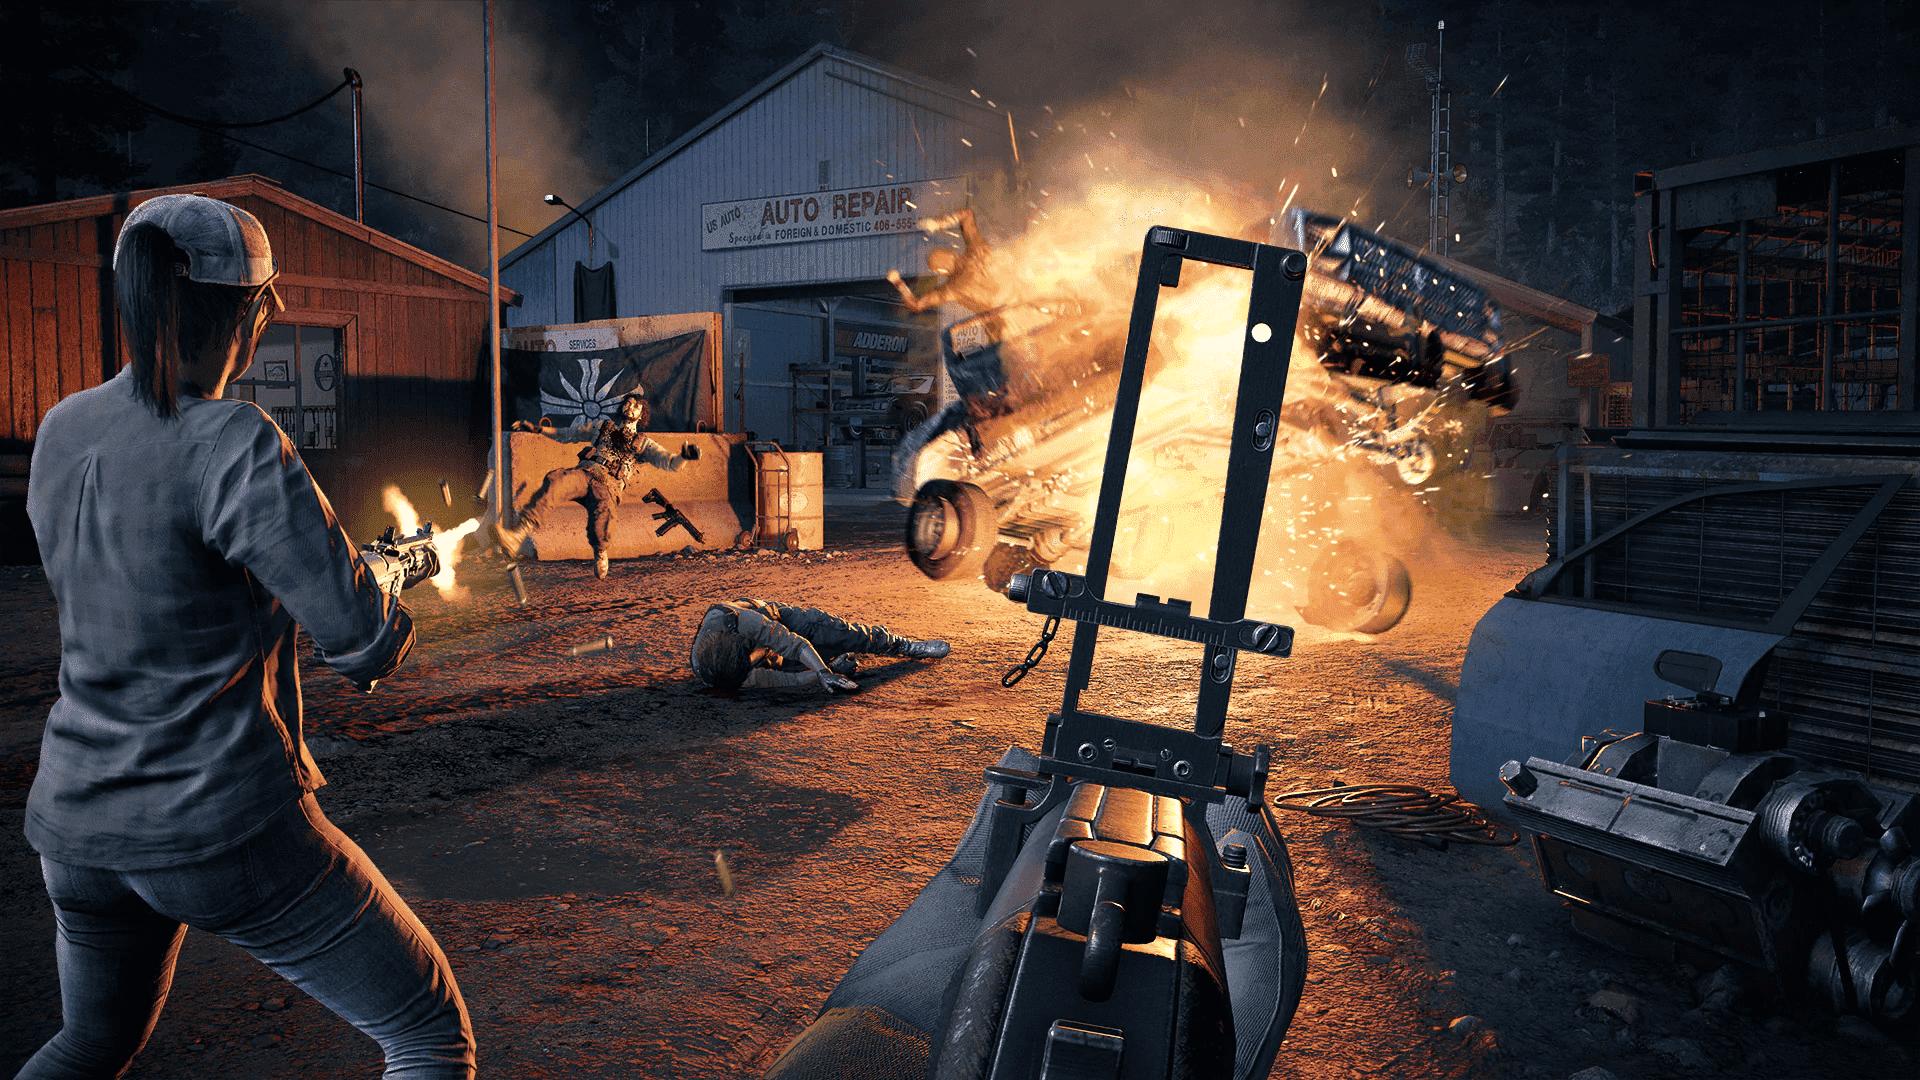 Far Cry 5 traz muita ação em um grande mundo aberto em Hope County nos Estados Unidos (Reprodução: Steam)